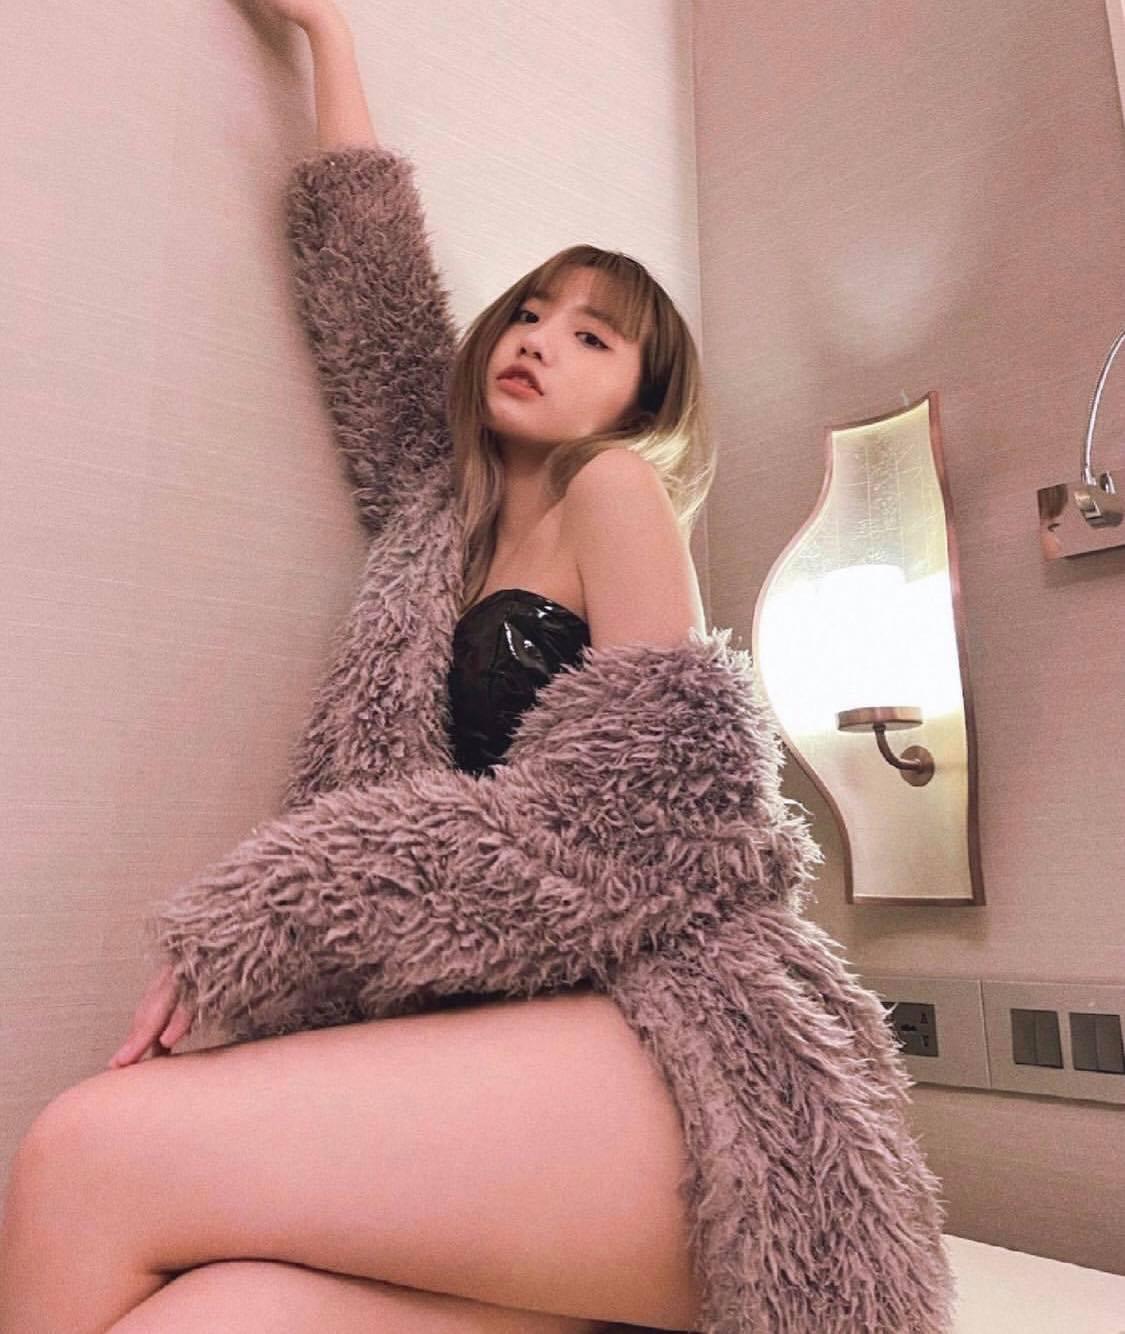 Mặc ai lộ ảnh nóng 40G, hot girl 2k4 đình đám TikTok có màn khoe thân 'chặt chém' riêng biệt, hút 8 triệu người 'hóng' - Ảnh 9